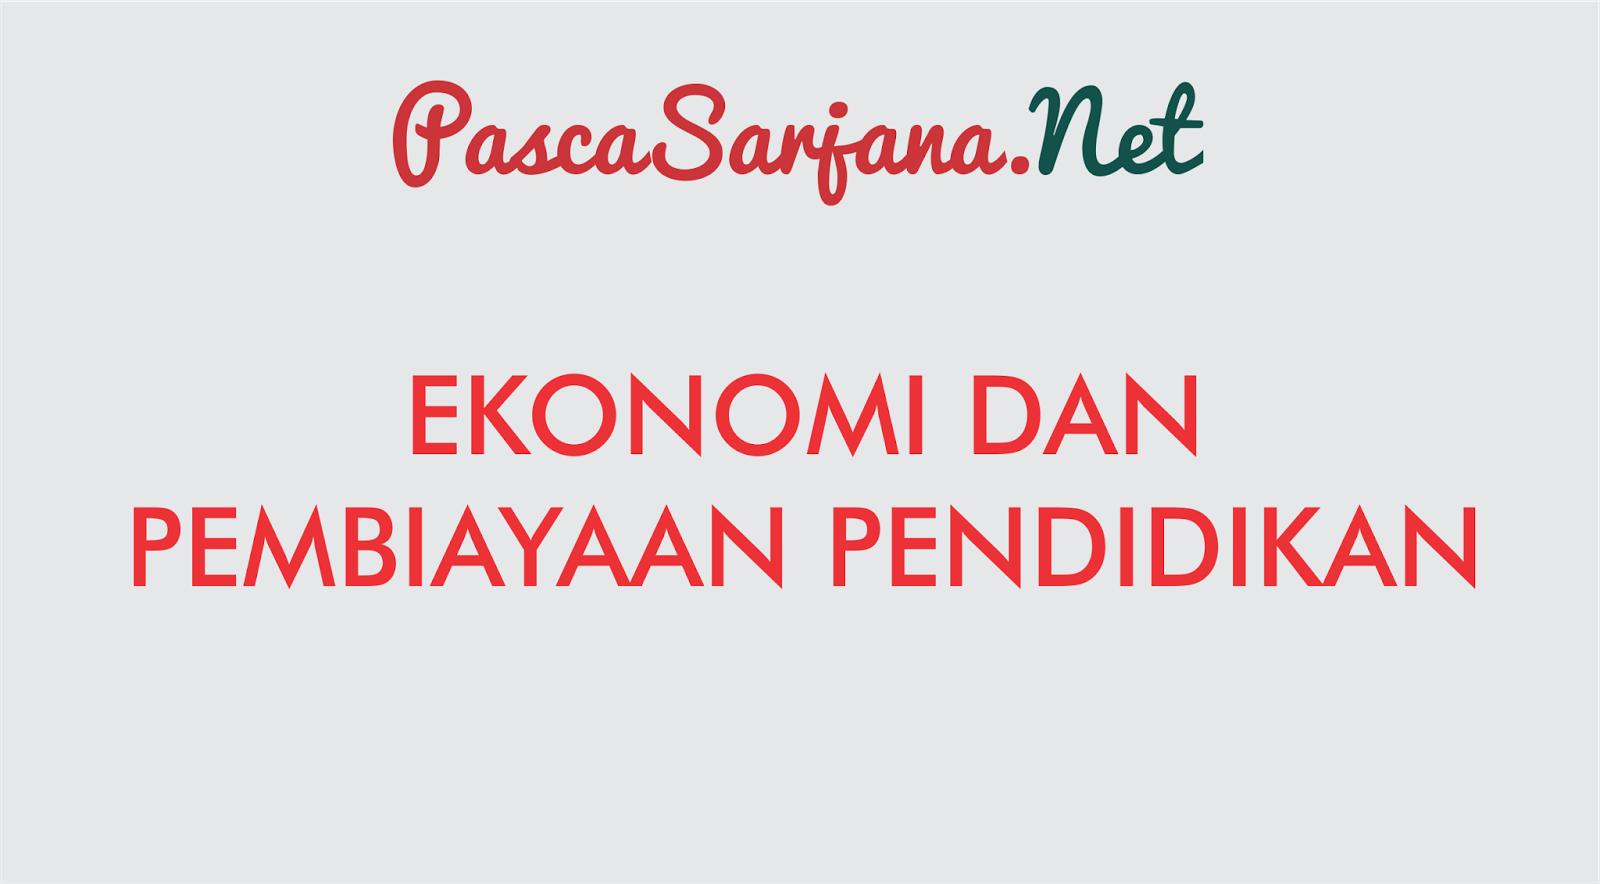 Ekonomi Dan Pembiayaan Pendidikan Materi Kuliah Lengkap Teori Makro Pratama